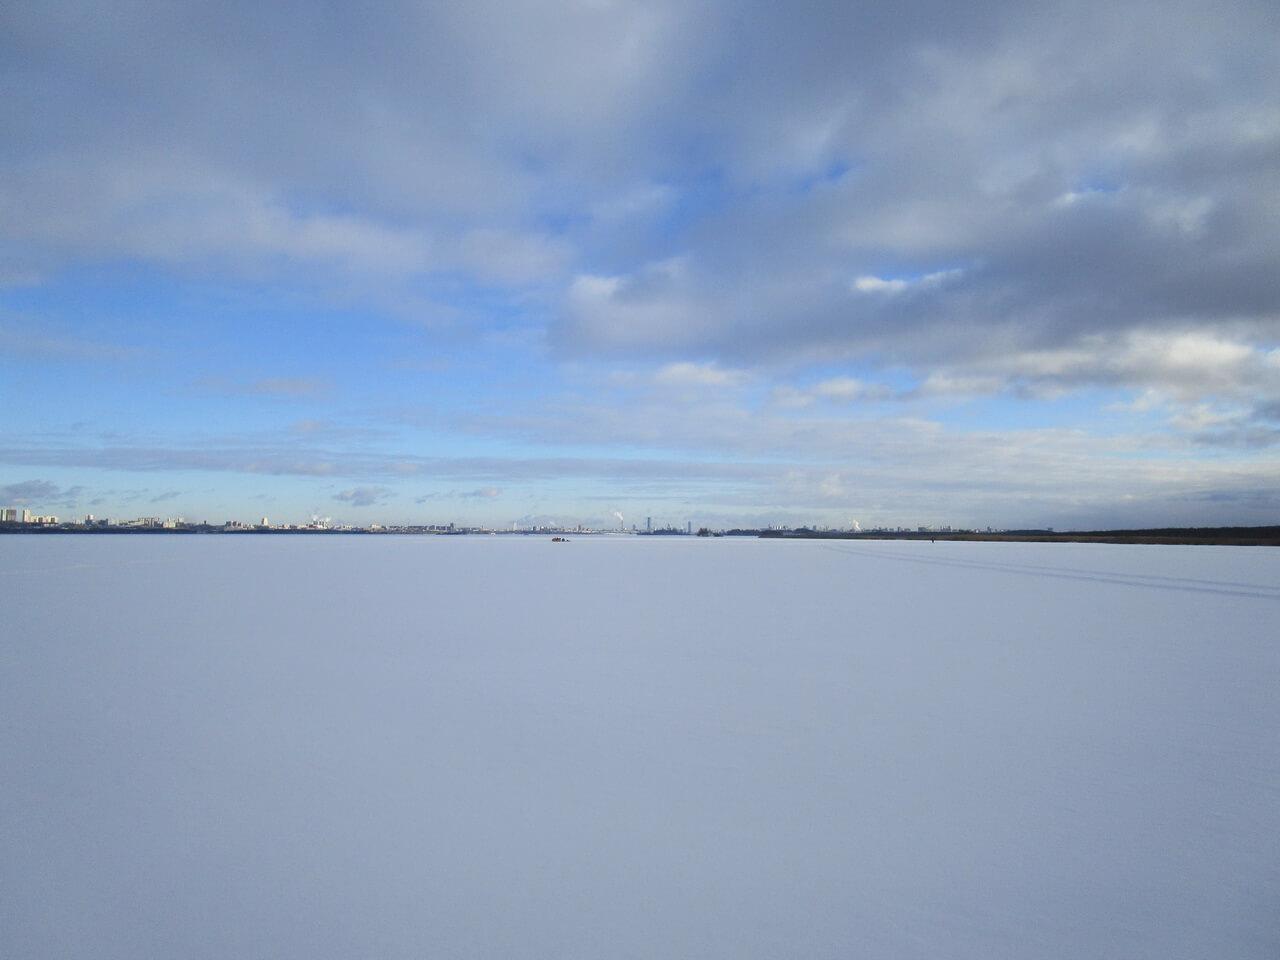 Графская пристань и Верх-Исетский пруд